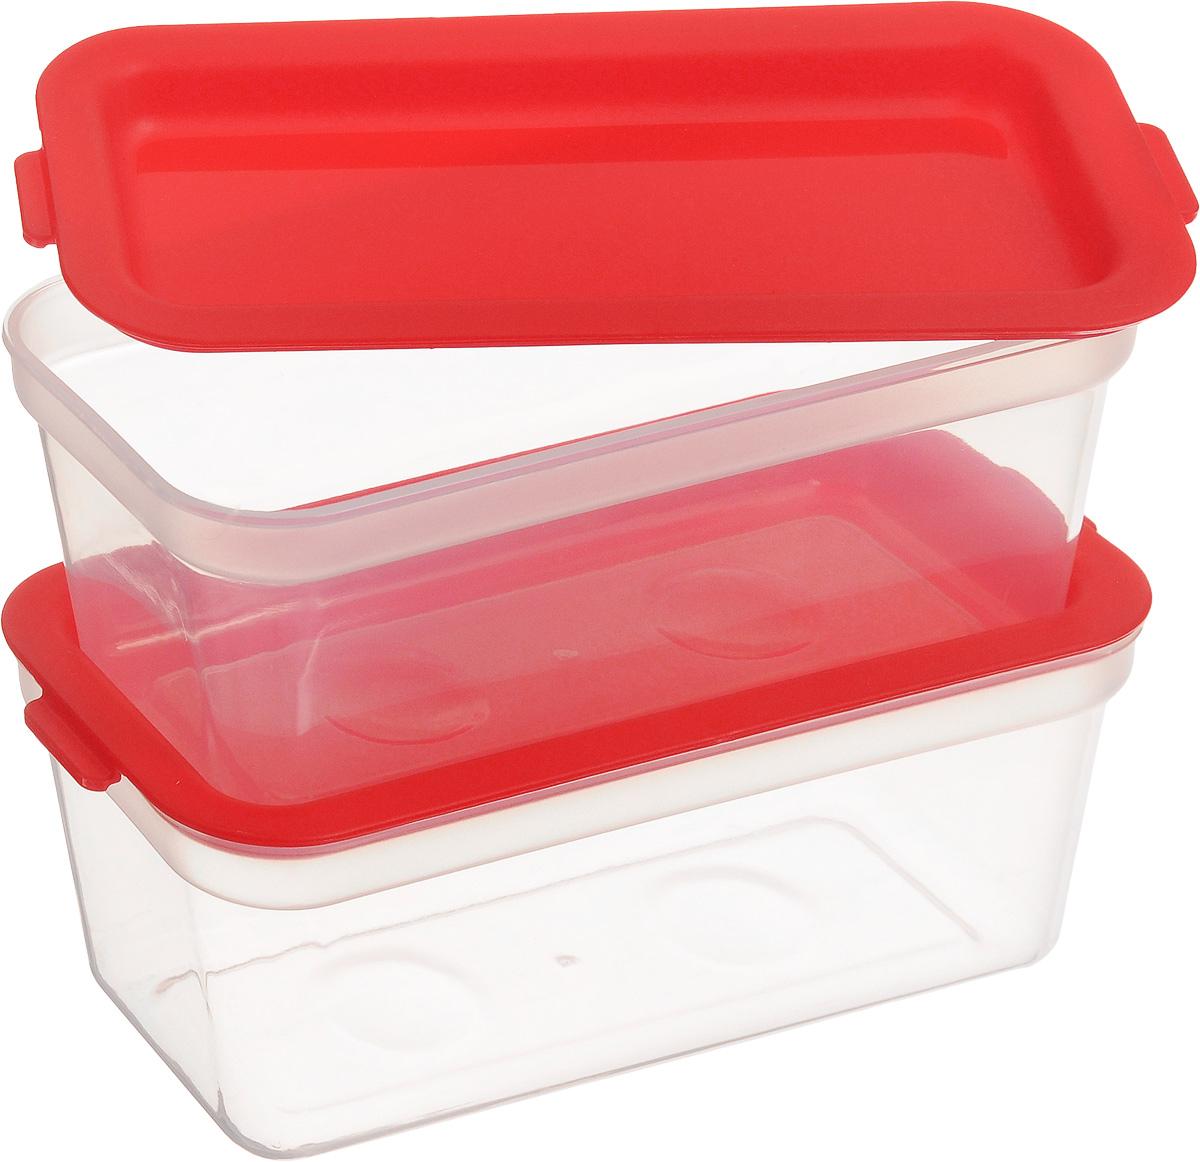 Набор контейнеров для заморозки Tescoma Purity, цвет: красный, прозрачный, 300 мл, 2 шт891876Набор Tescoma Purity, выполненный из высококачественного пищевого прозрачного пластика, состоит из двух контейнеров. Изделия предназначены для хранения и транспортировки пищи. Крышки легко открываются и плотно закрываются с помощью легкого щелчка. Контейнеры удобно складываются друг в друга, что экономит пространство при хранении в шкафу. Подходят для заморозки и для использования в микроволновой печи без крышки. Можно мыть в посудомоечной машине. Объем контейнера: 300 мл. Размеры: 13,5 х 6,5 х 6 см.